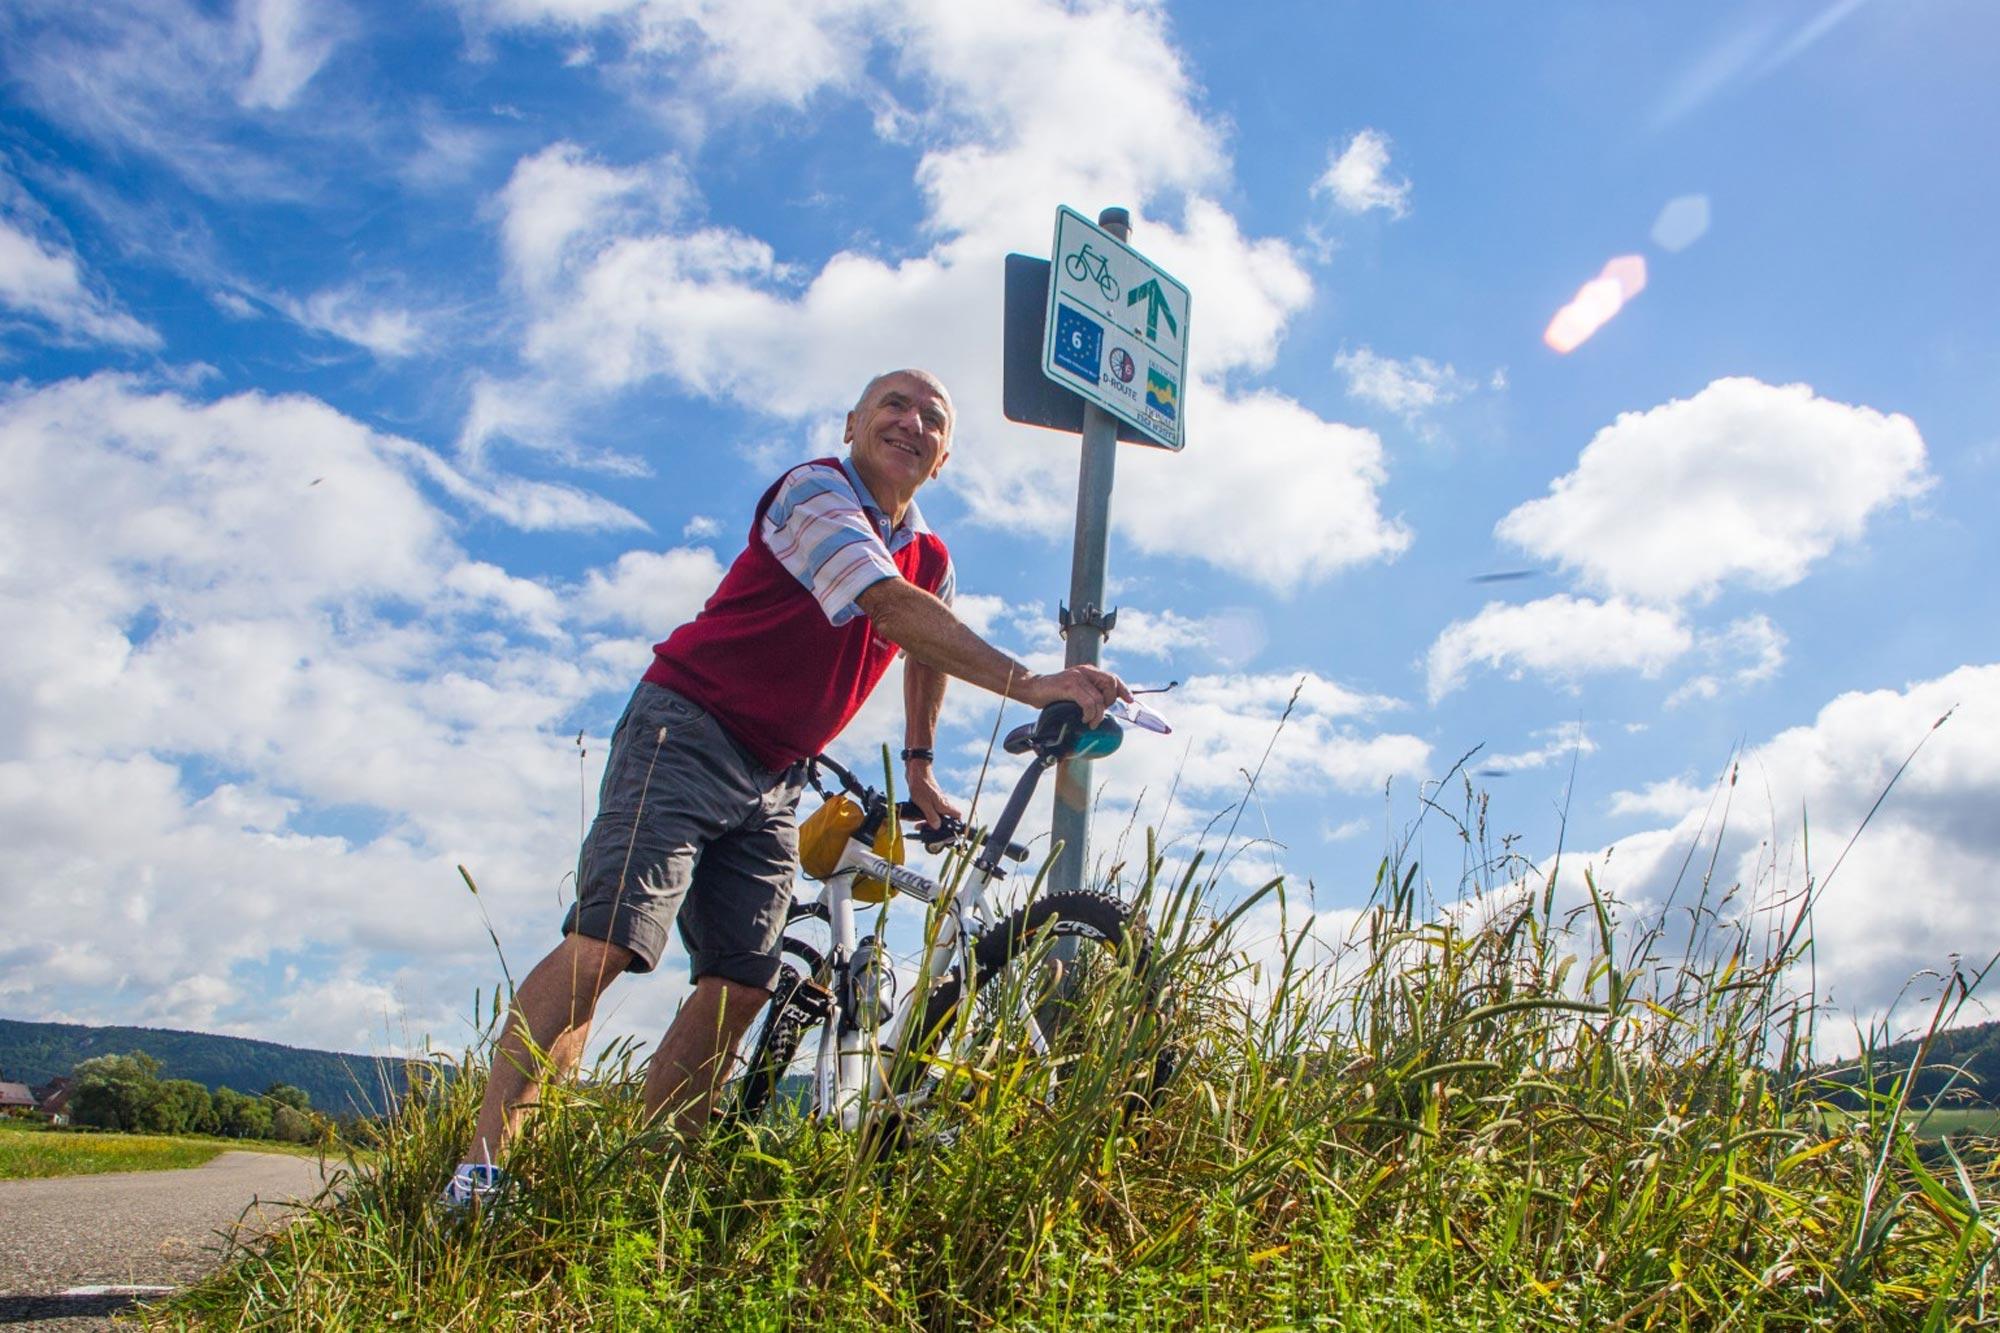 fahrradfahren-rhoen-eichenzell Faszinierend 7 Welten Fulda Bewertung Dekorationen